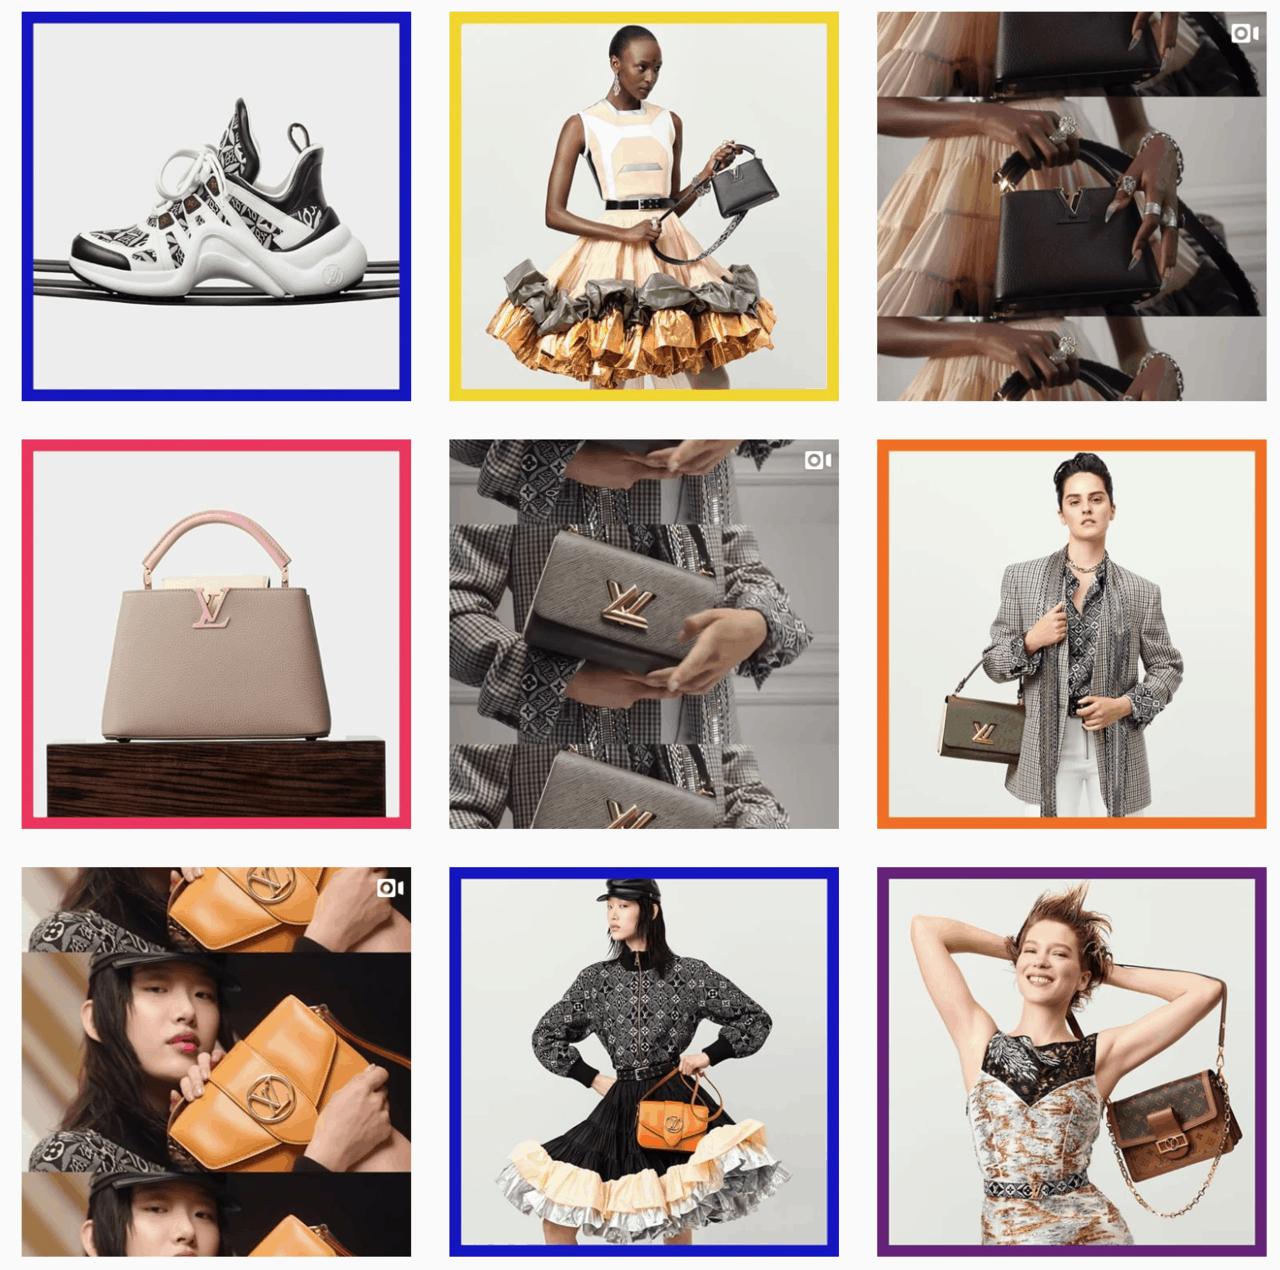 Yves Saint Laurent Instagram shopping example